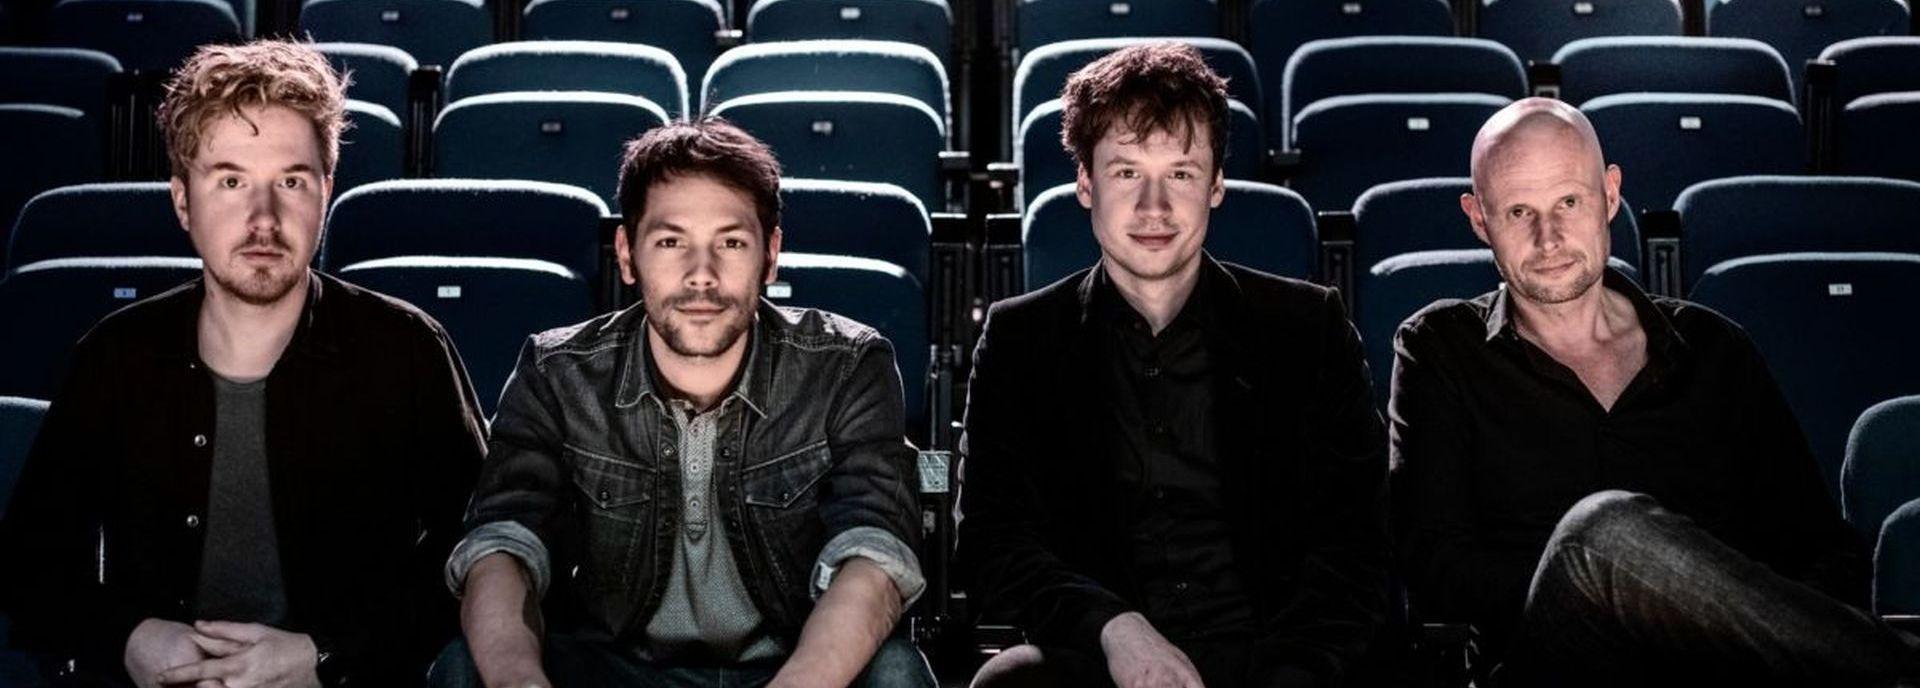 De Nederlandse indiepopband Handsome Poets bestaat uit zanger Tim van Esch, drummer Daniel Smit, gitarist Erik Bruil, toetsenist Nils Davidse en bassist Ricardo Szabó.